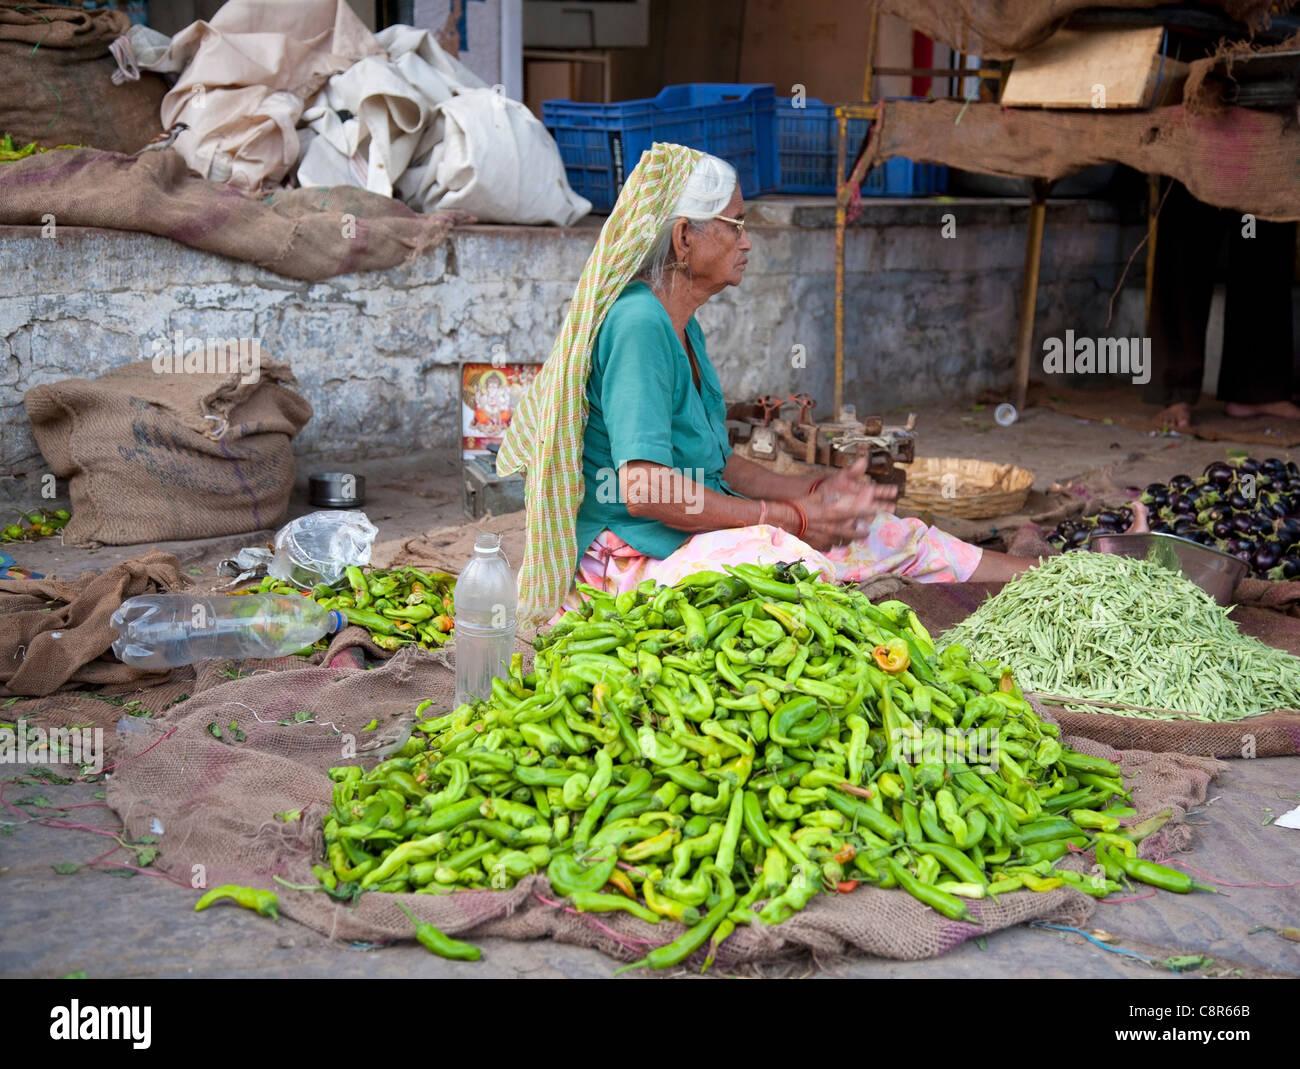 Vegetable market in Jodhpur, better know as the Sandar market - Stock Image